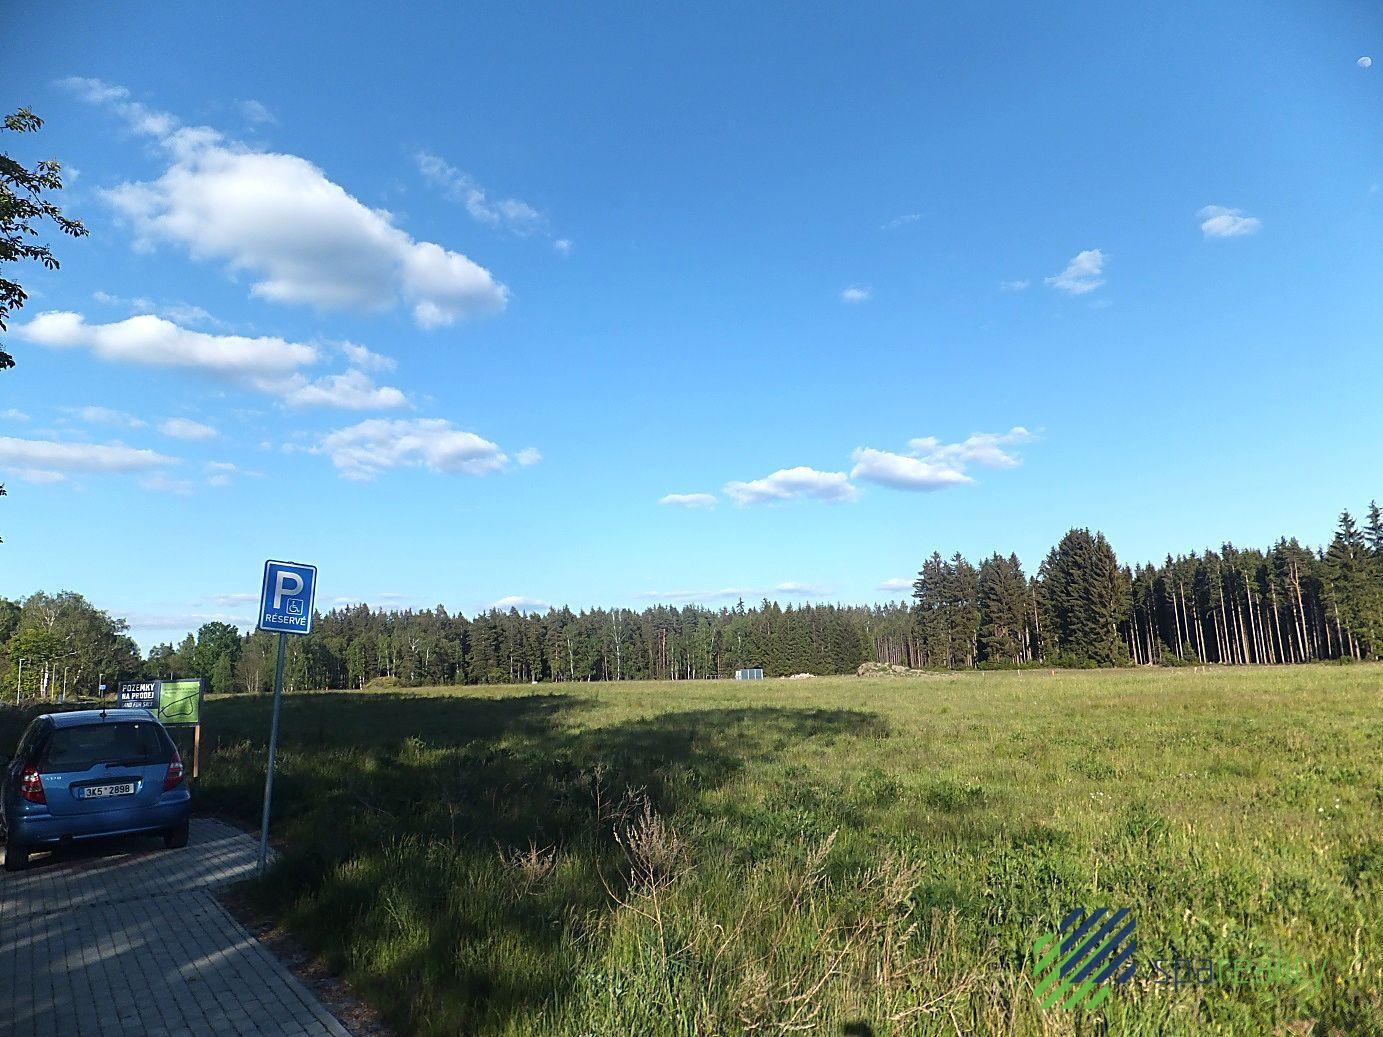 Pozemky v nové rezidenční lokalitě - ul. Ke Golfu, KV Olšová Vrata - II. a III. etapa